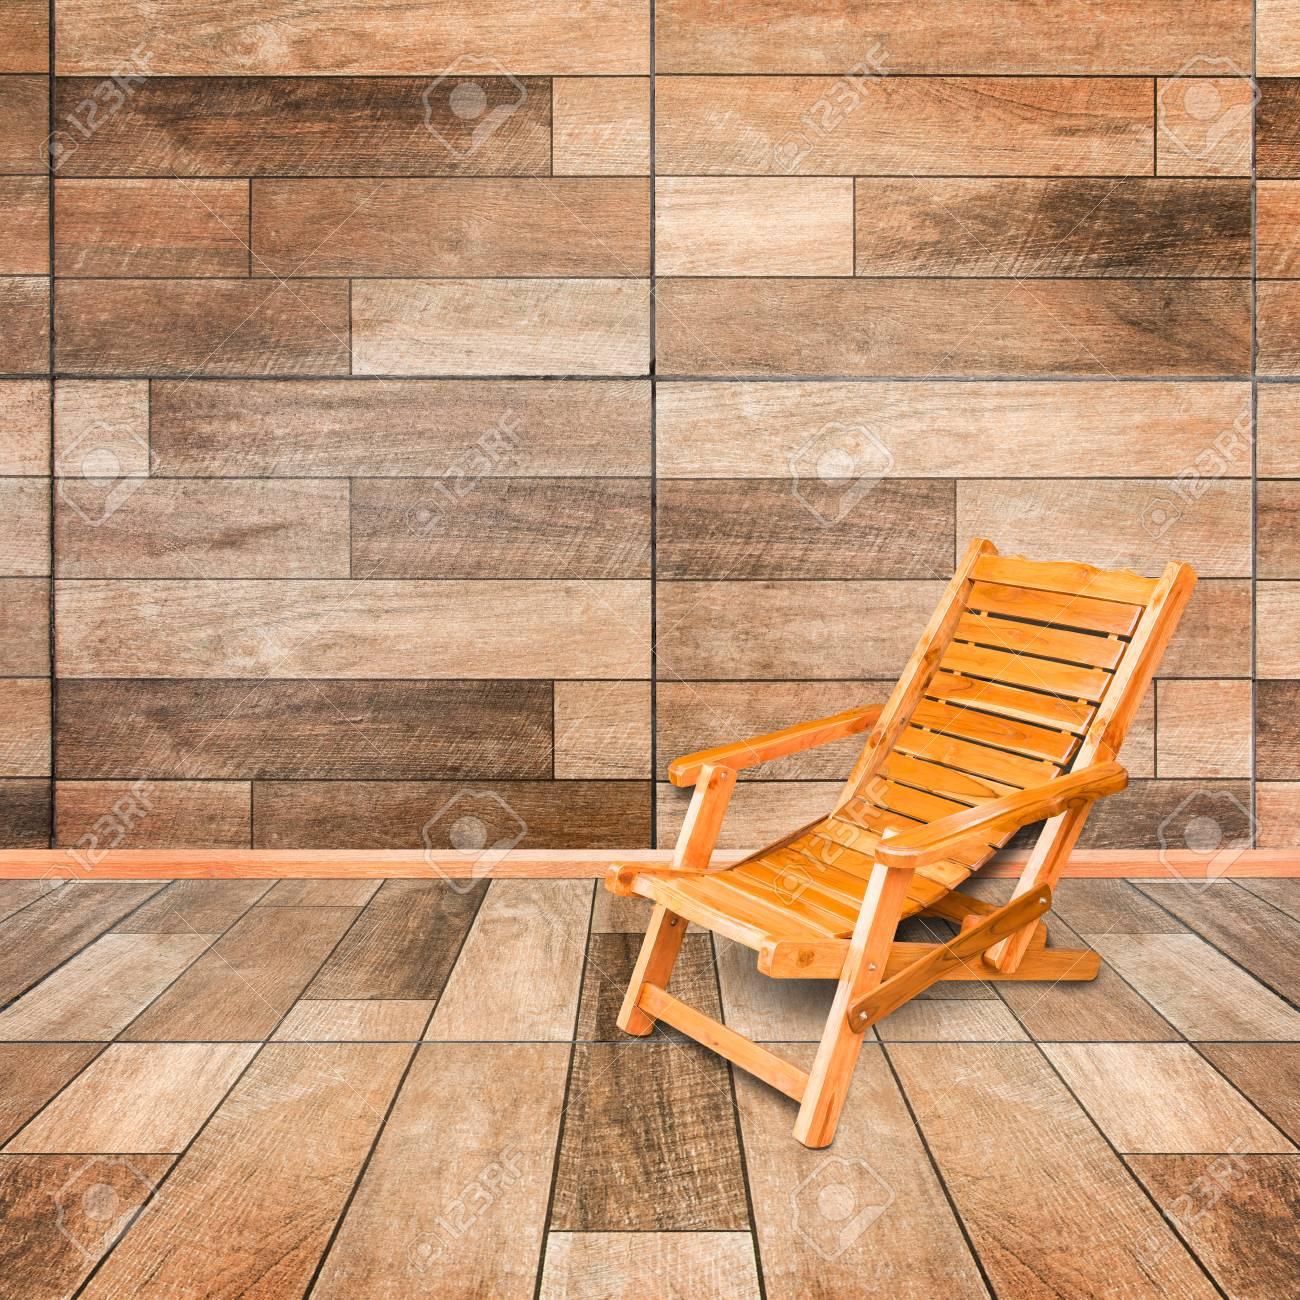 Chaise En Dans Un Plancher De Sur Style Intérieur Terrasse Rétro Bois Le 2DHeWYE9Ib